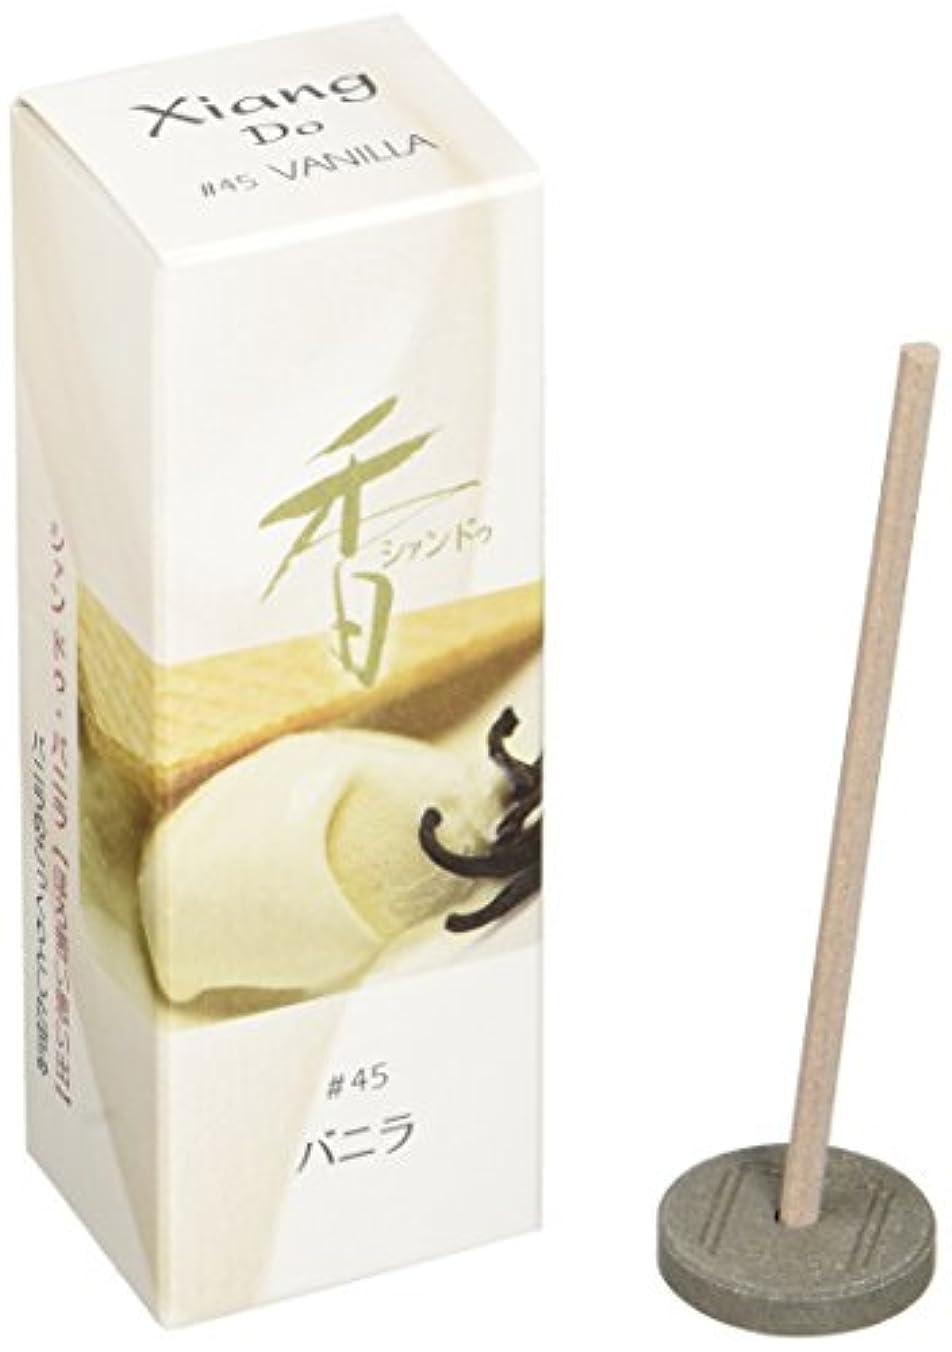 資産暗くするそのような松栄堂のお香 Xiang Do(シャンドゥ) バニラ ST20本入 簡易香立付 #214245